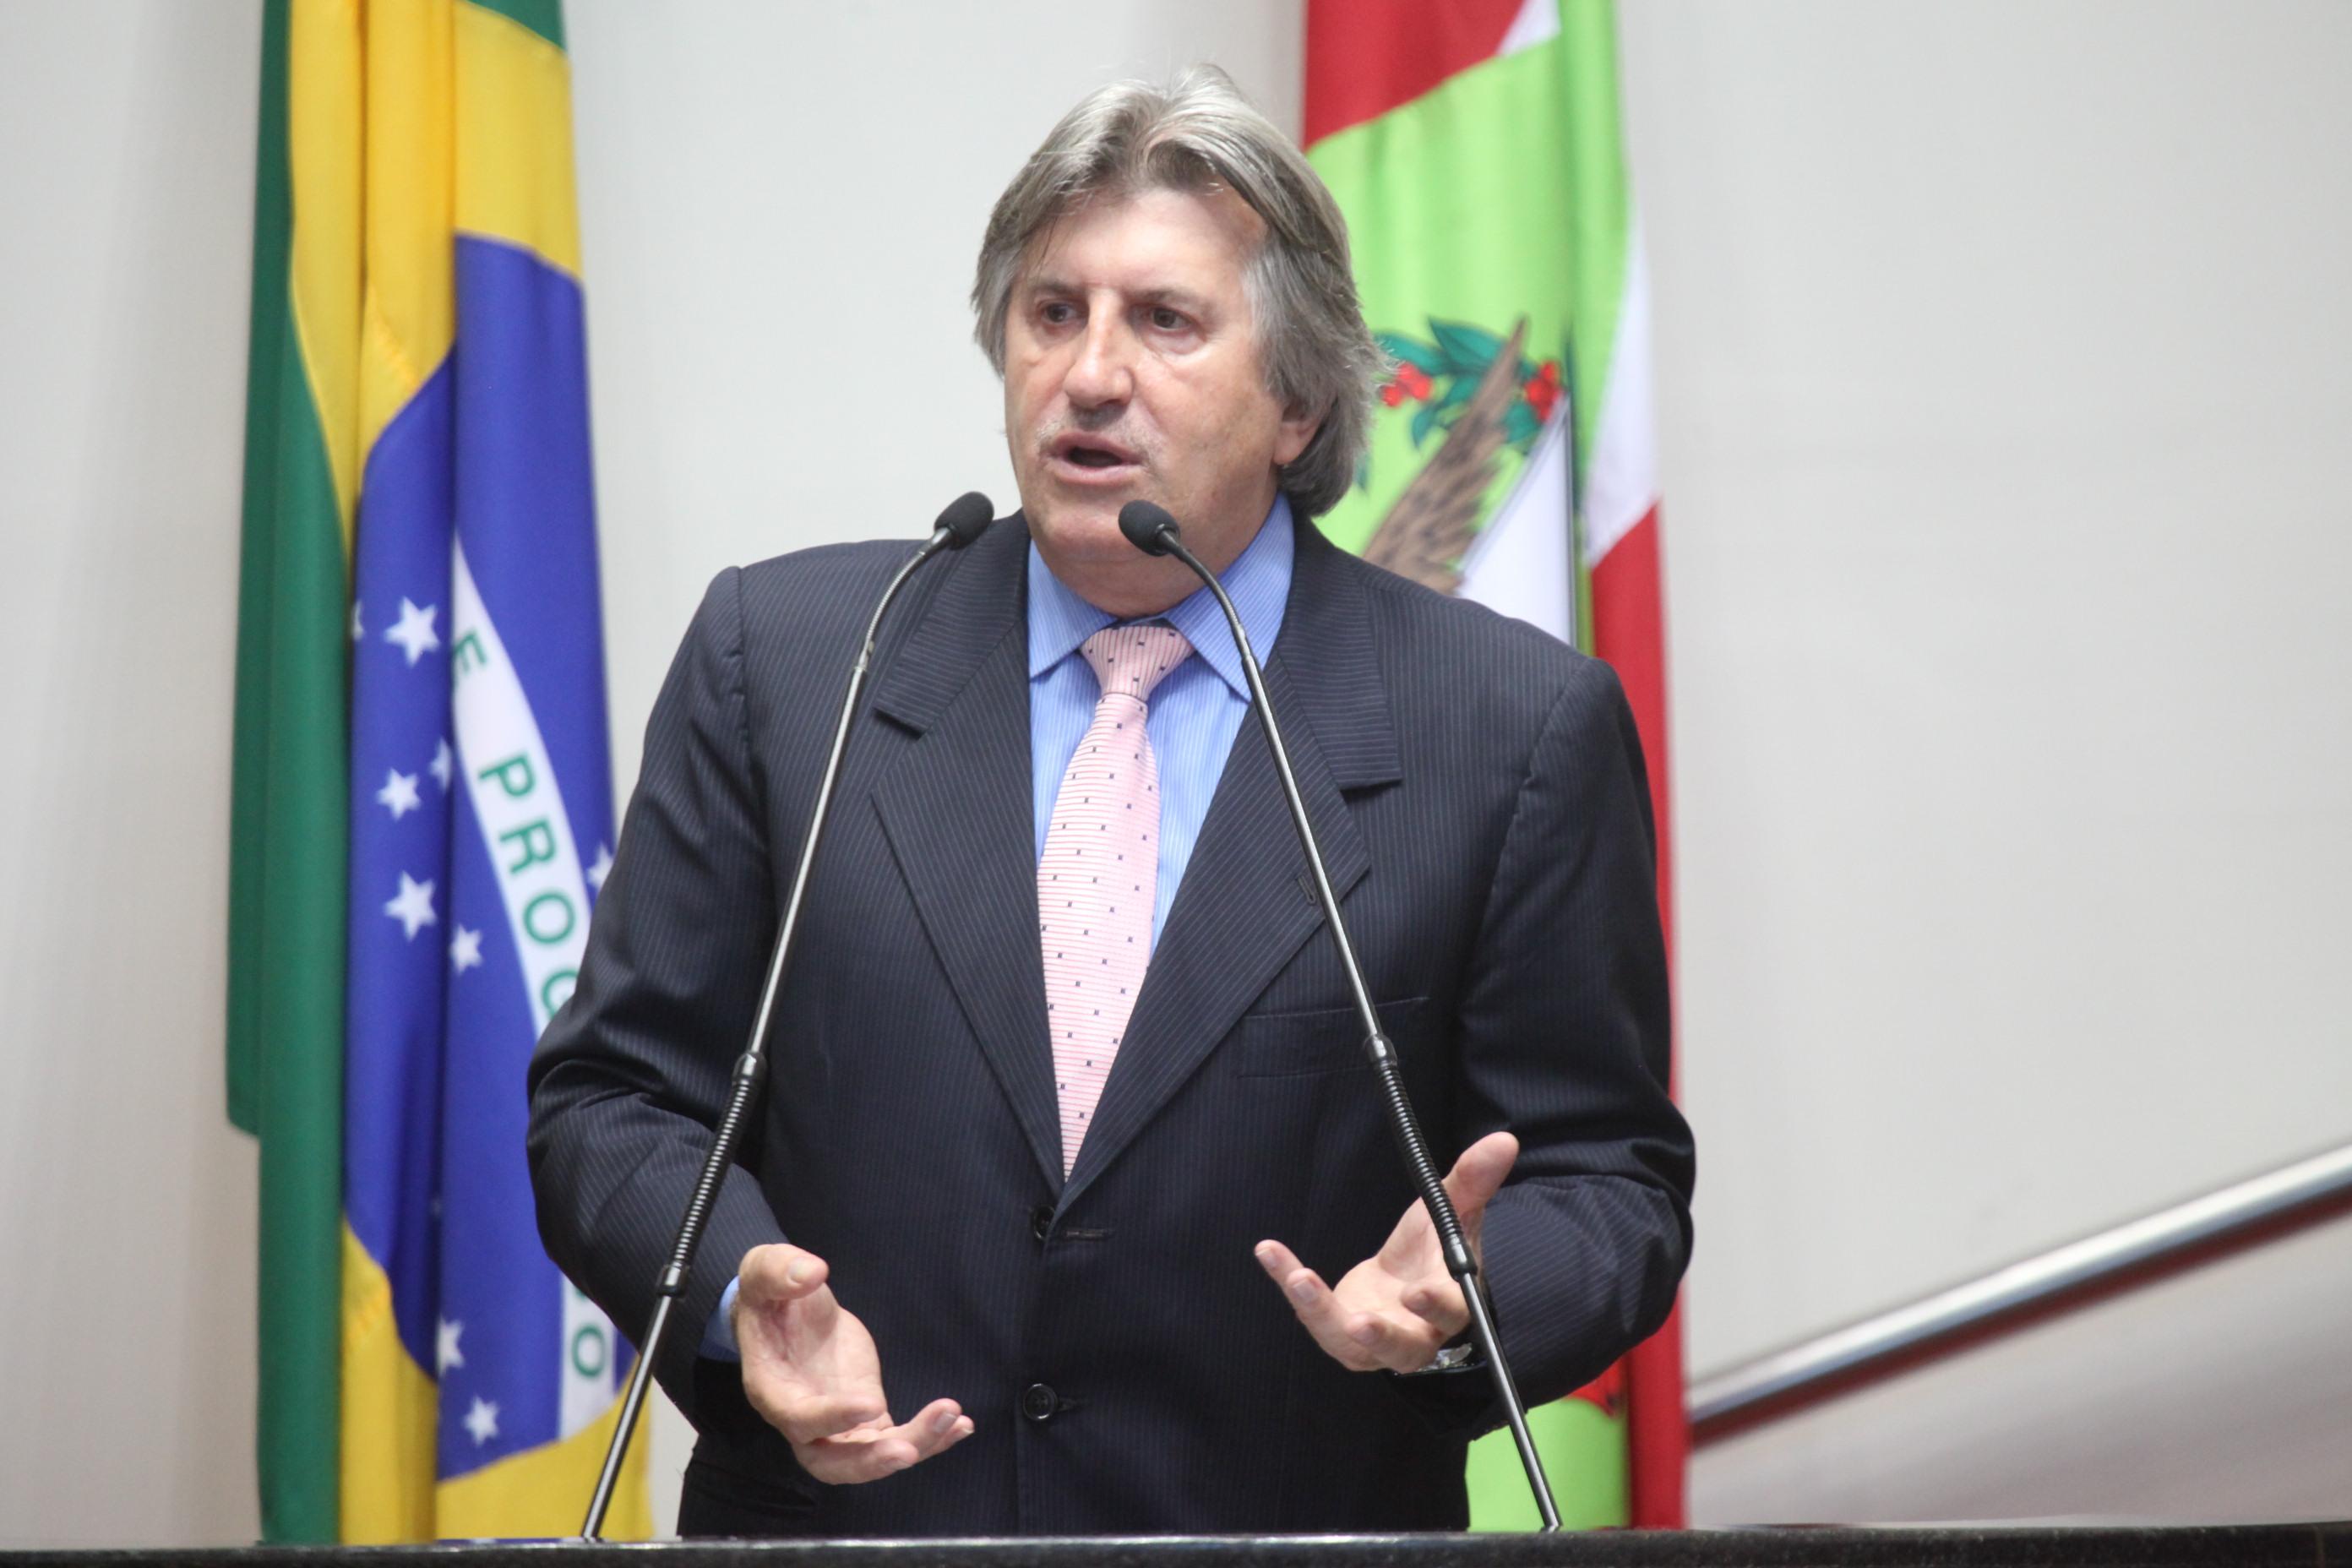 Deputado Leonel Pavan é internado em estado grave após sofrer AVC